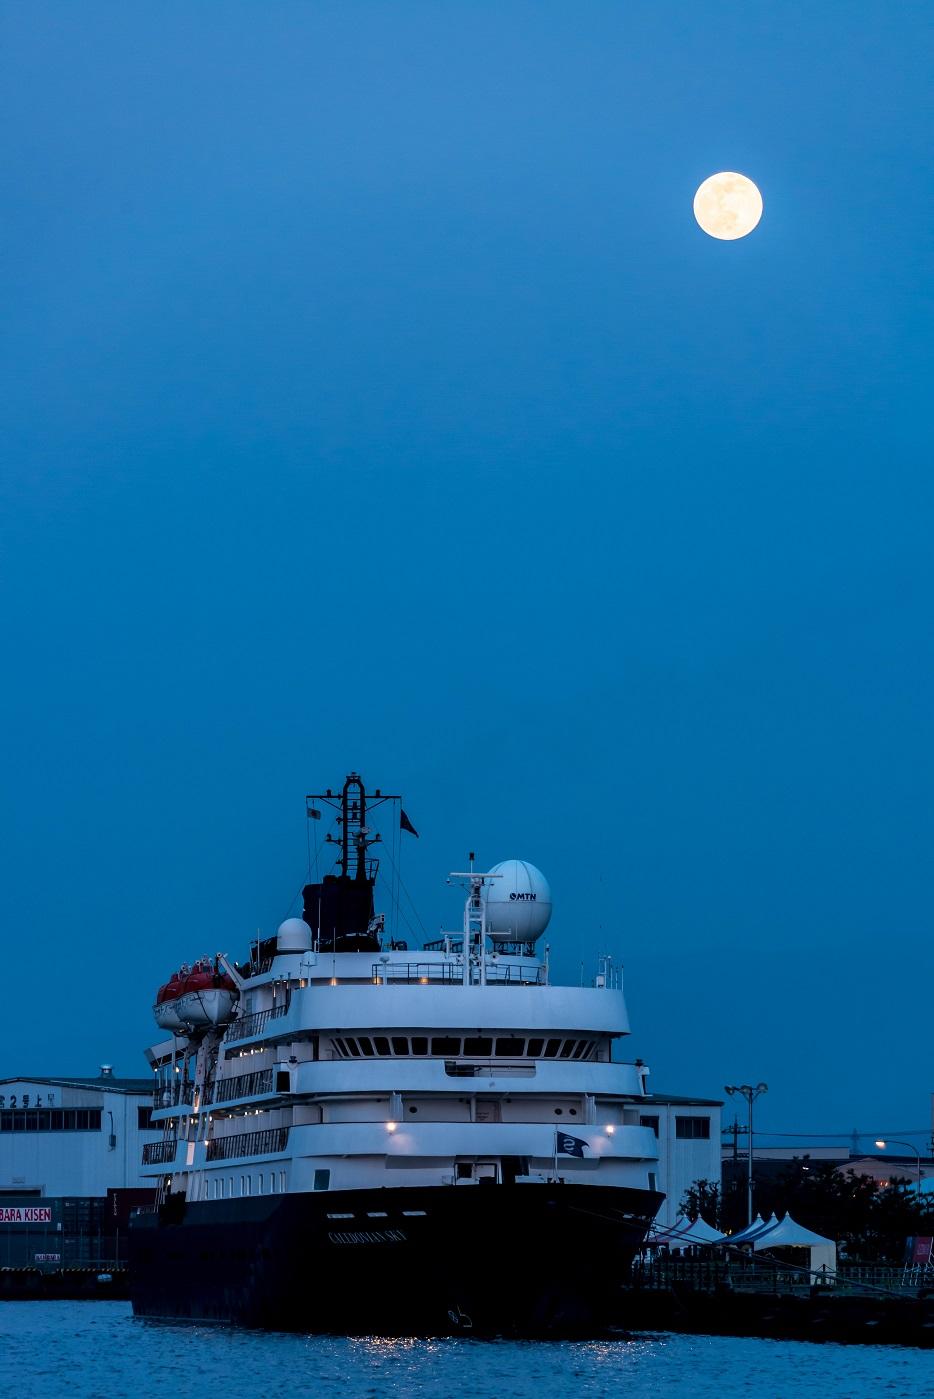 2016.05.21金沢港クルーズ船と満月一日前3